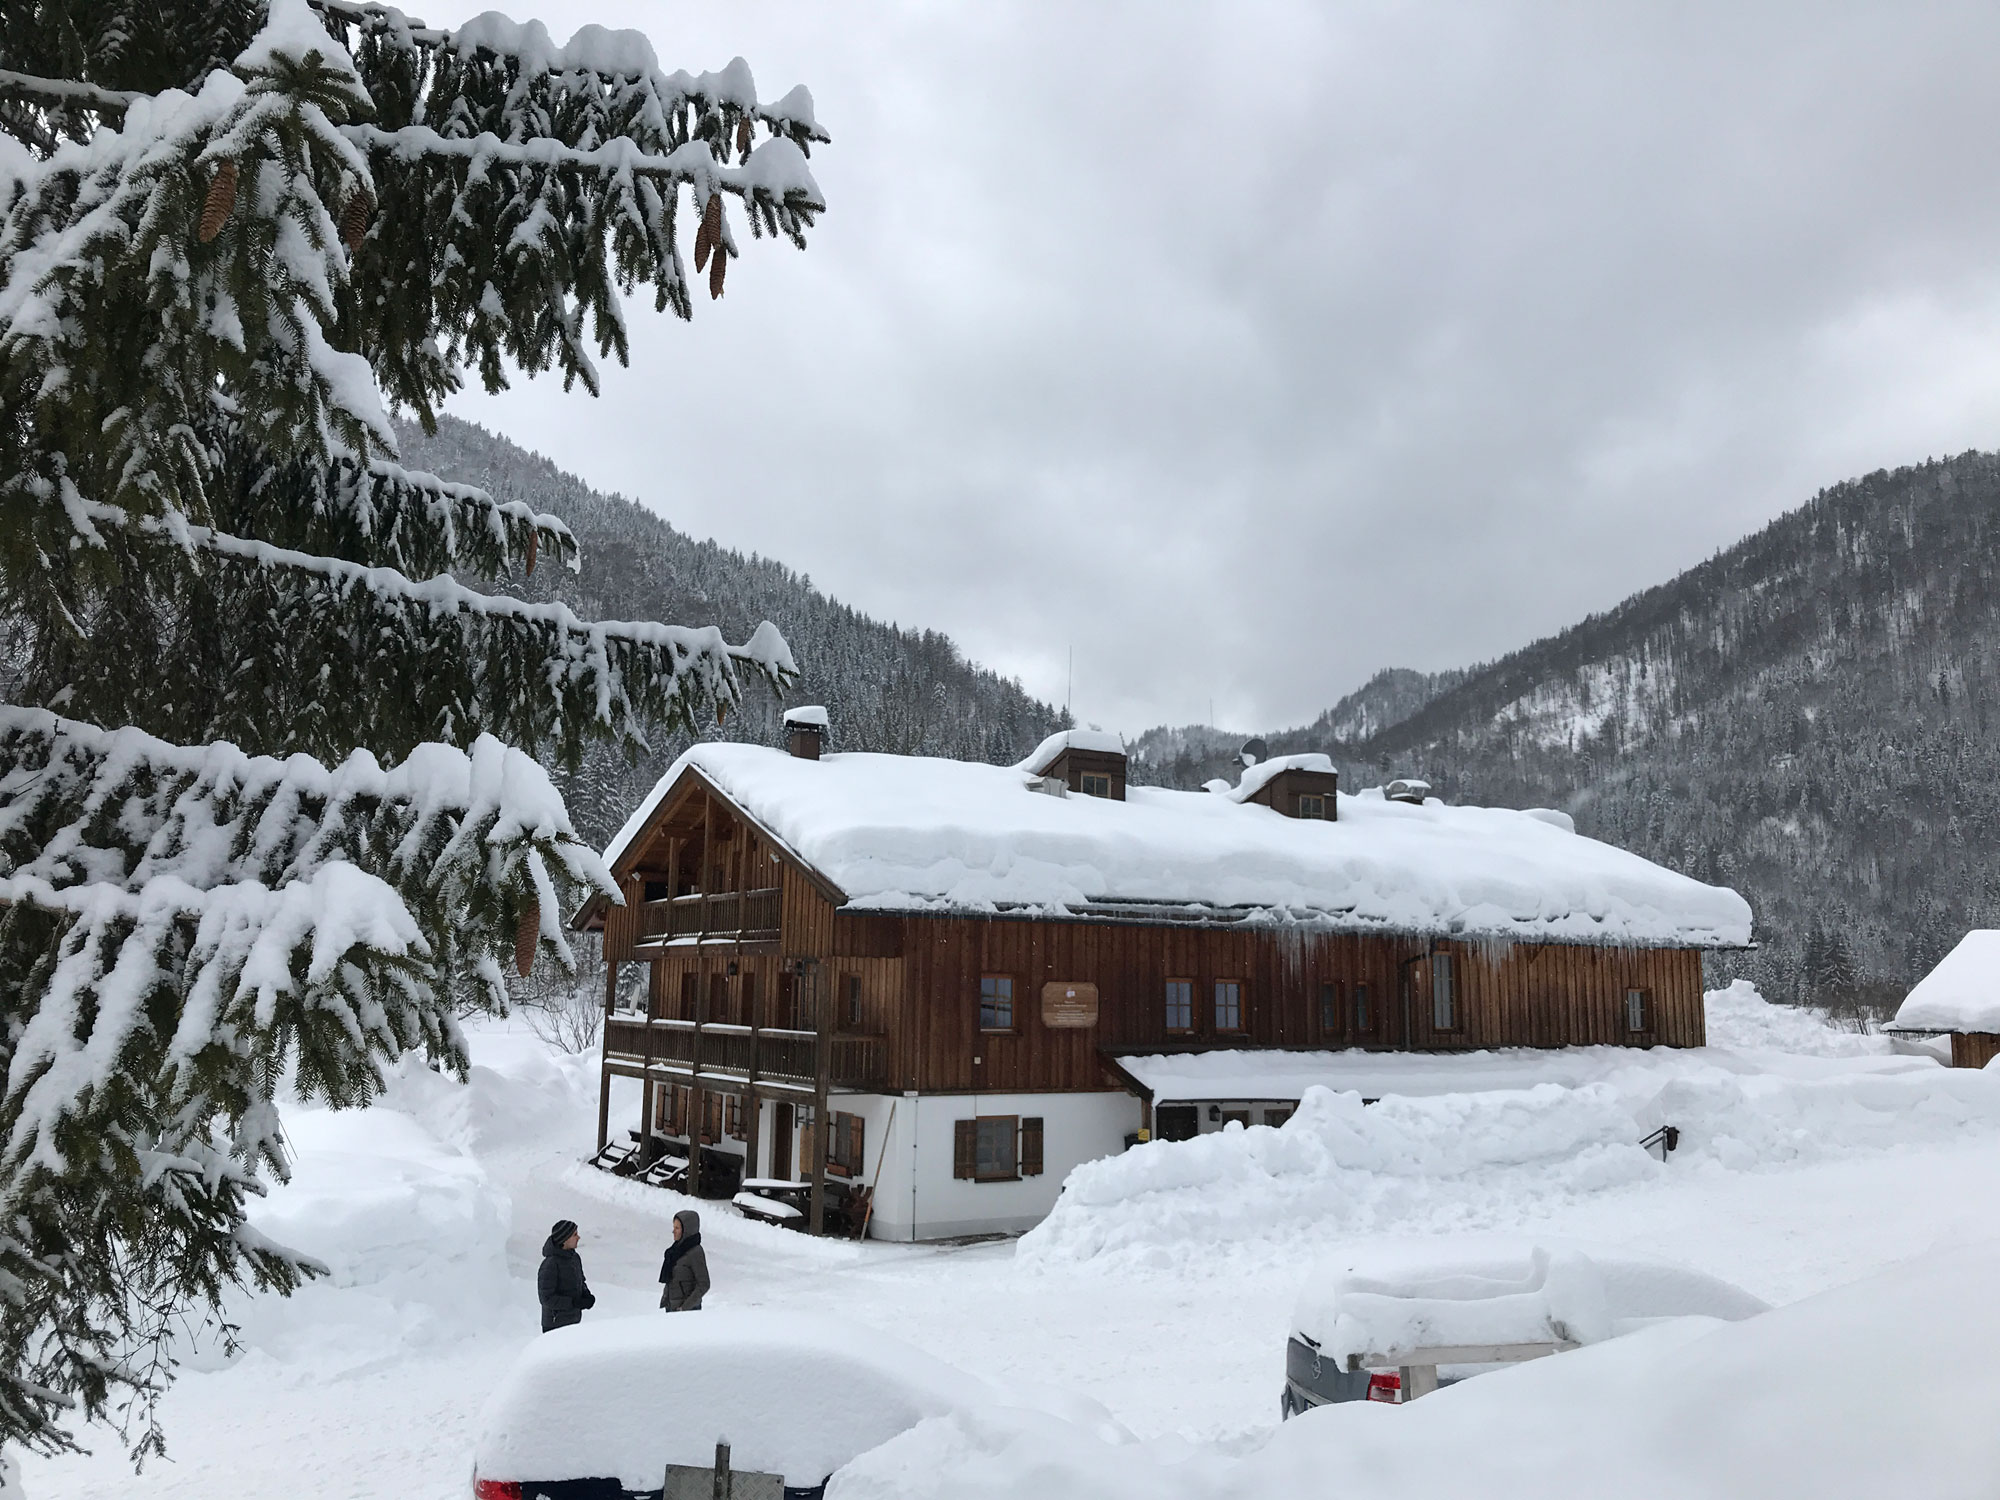 Seitenansicht des Jugendbildungshauses Wiedhölzlkaser in Winterlandschaft